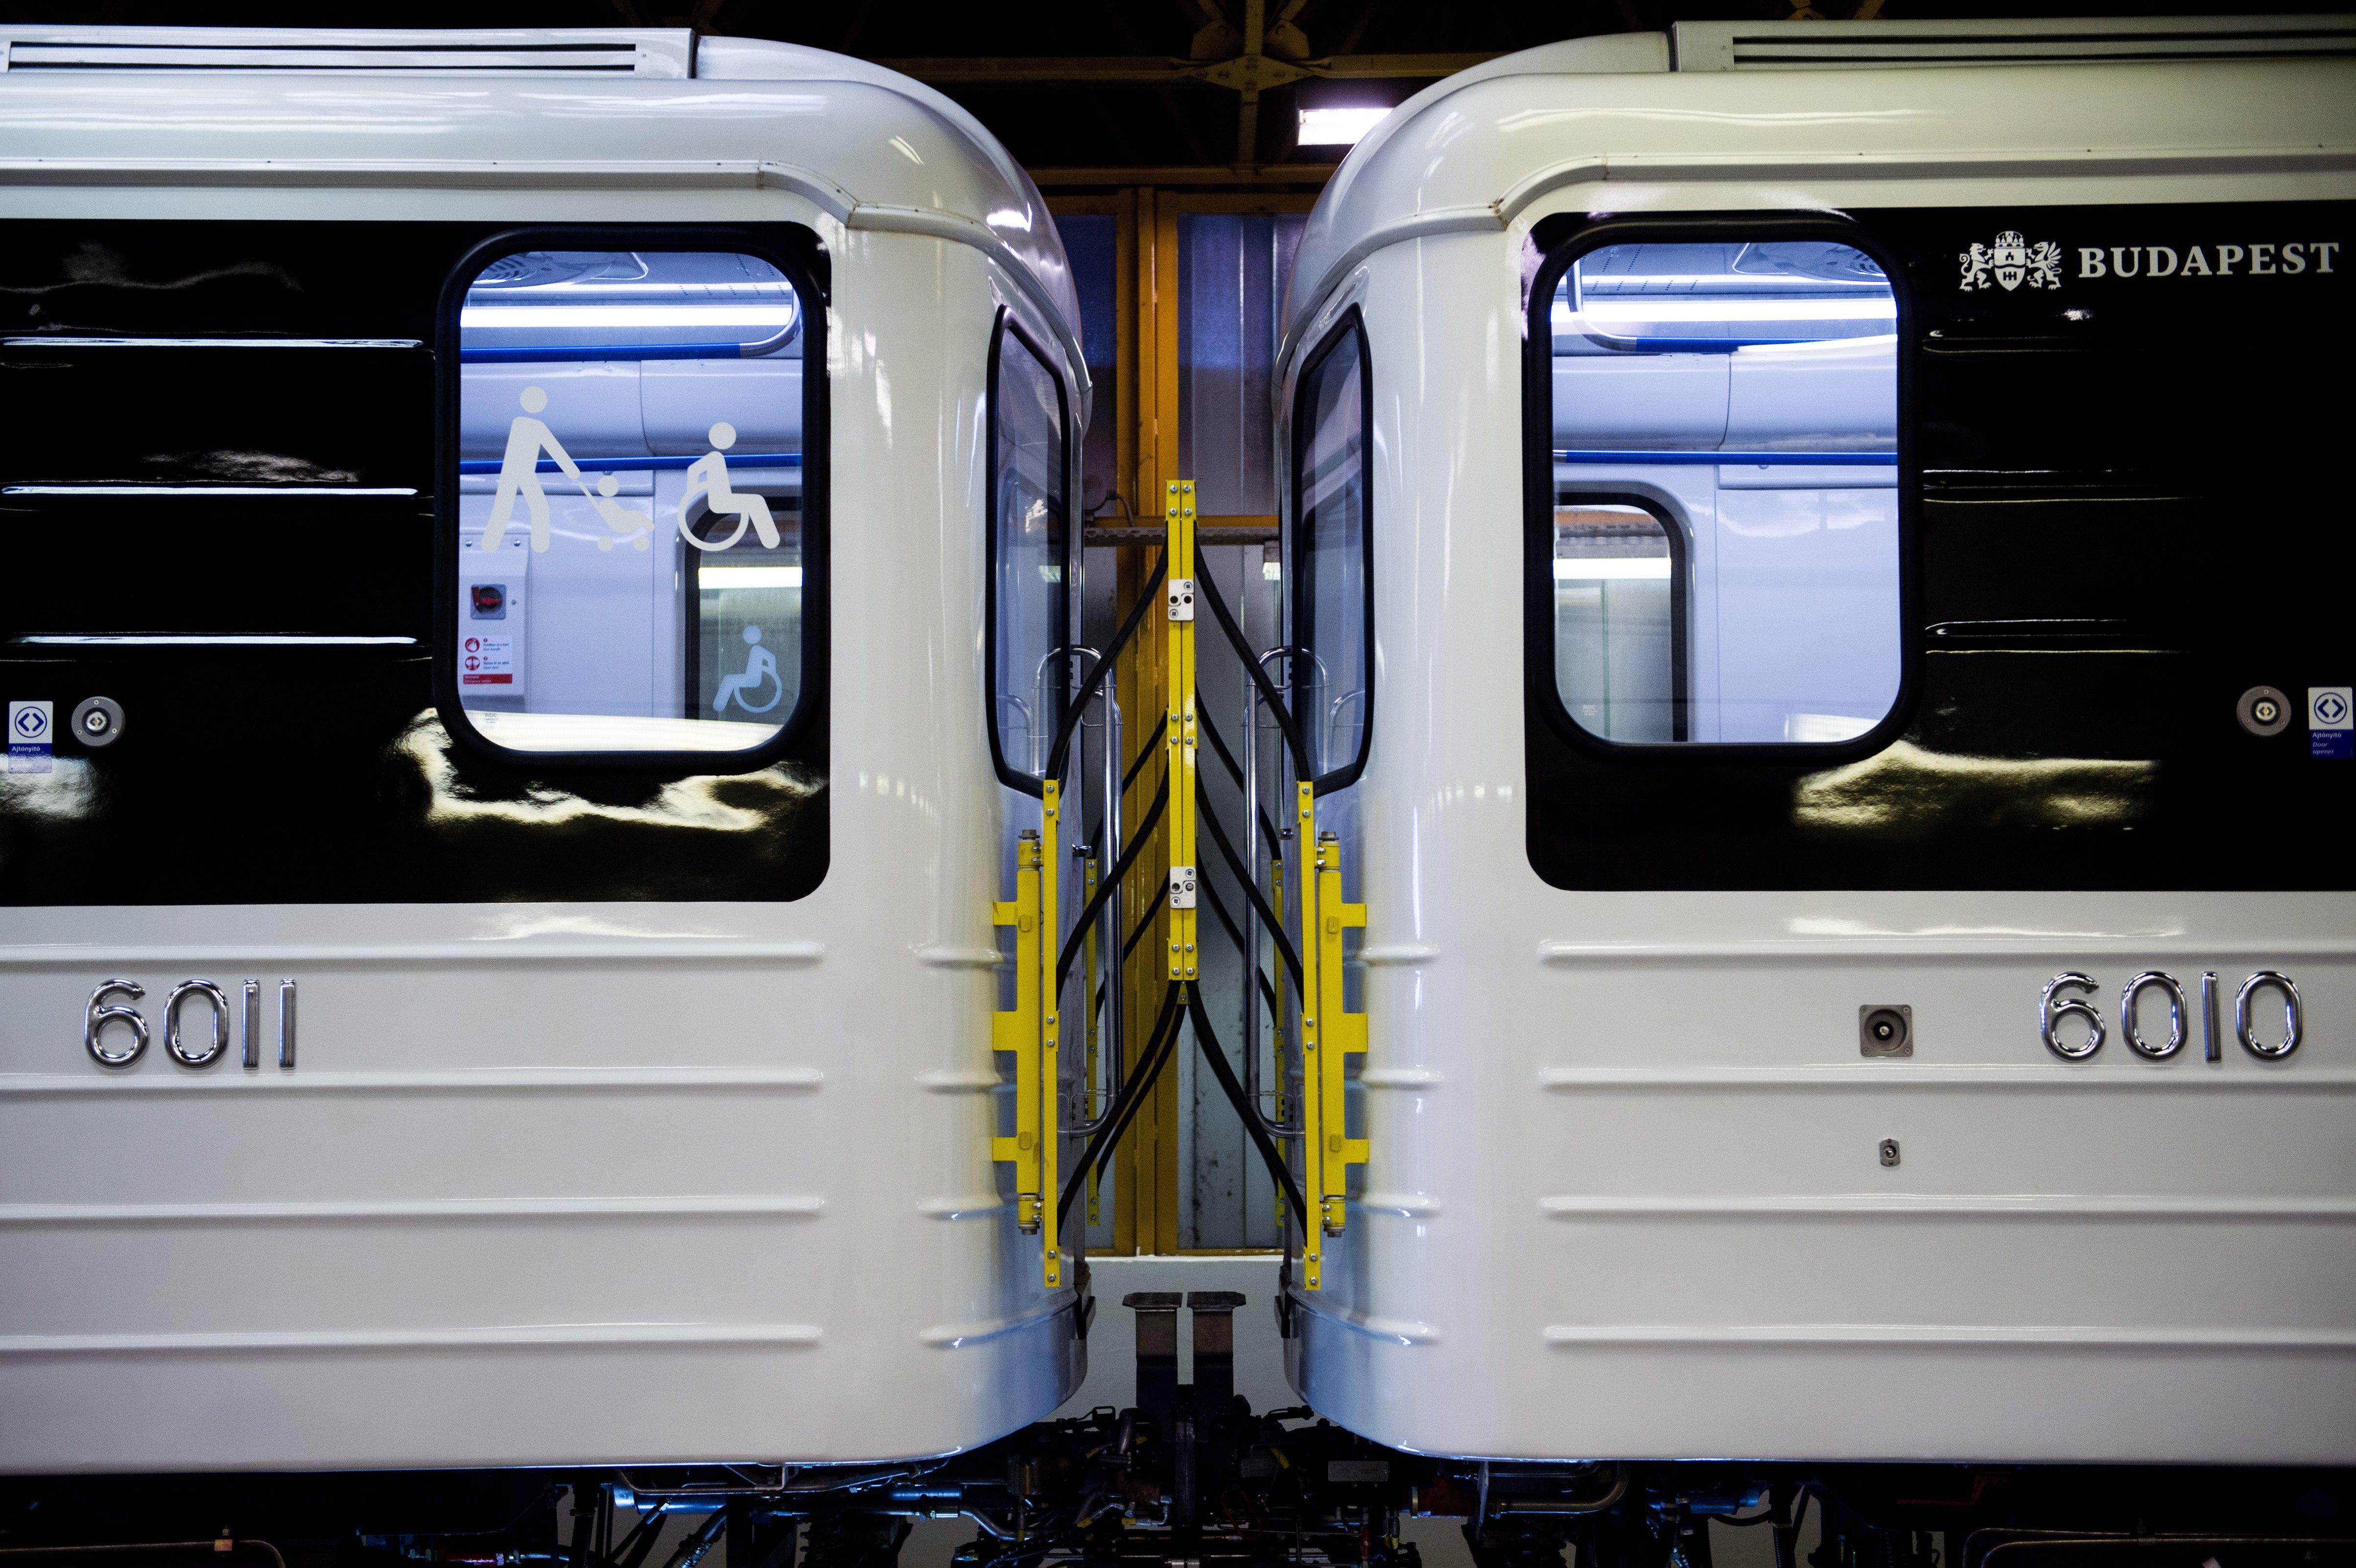 Budapest újra nekifut: ismét forgalomba állnak a felújított metrók